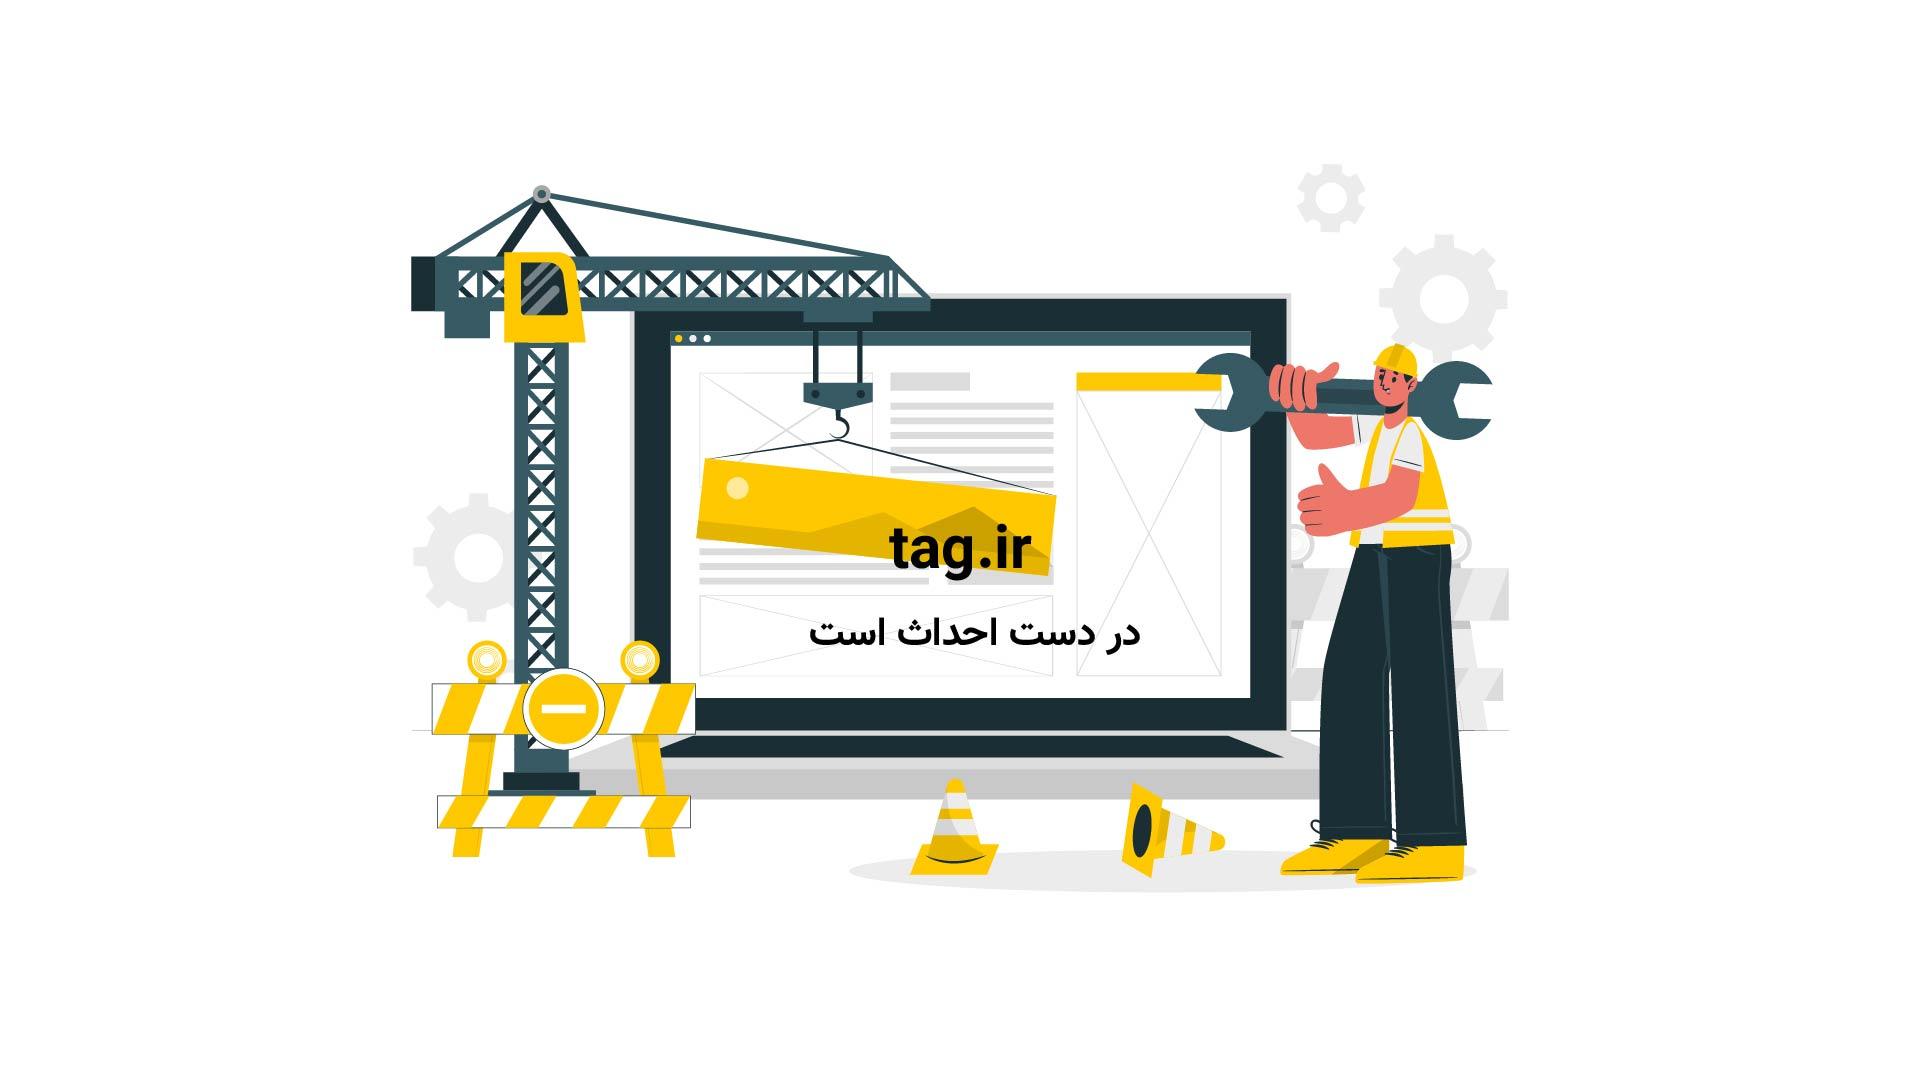 گربه | تگ